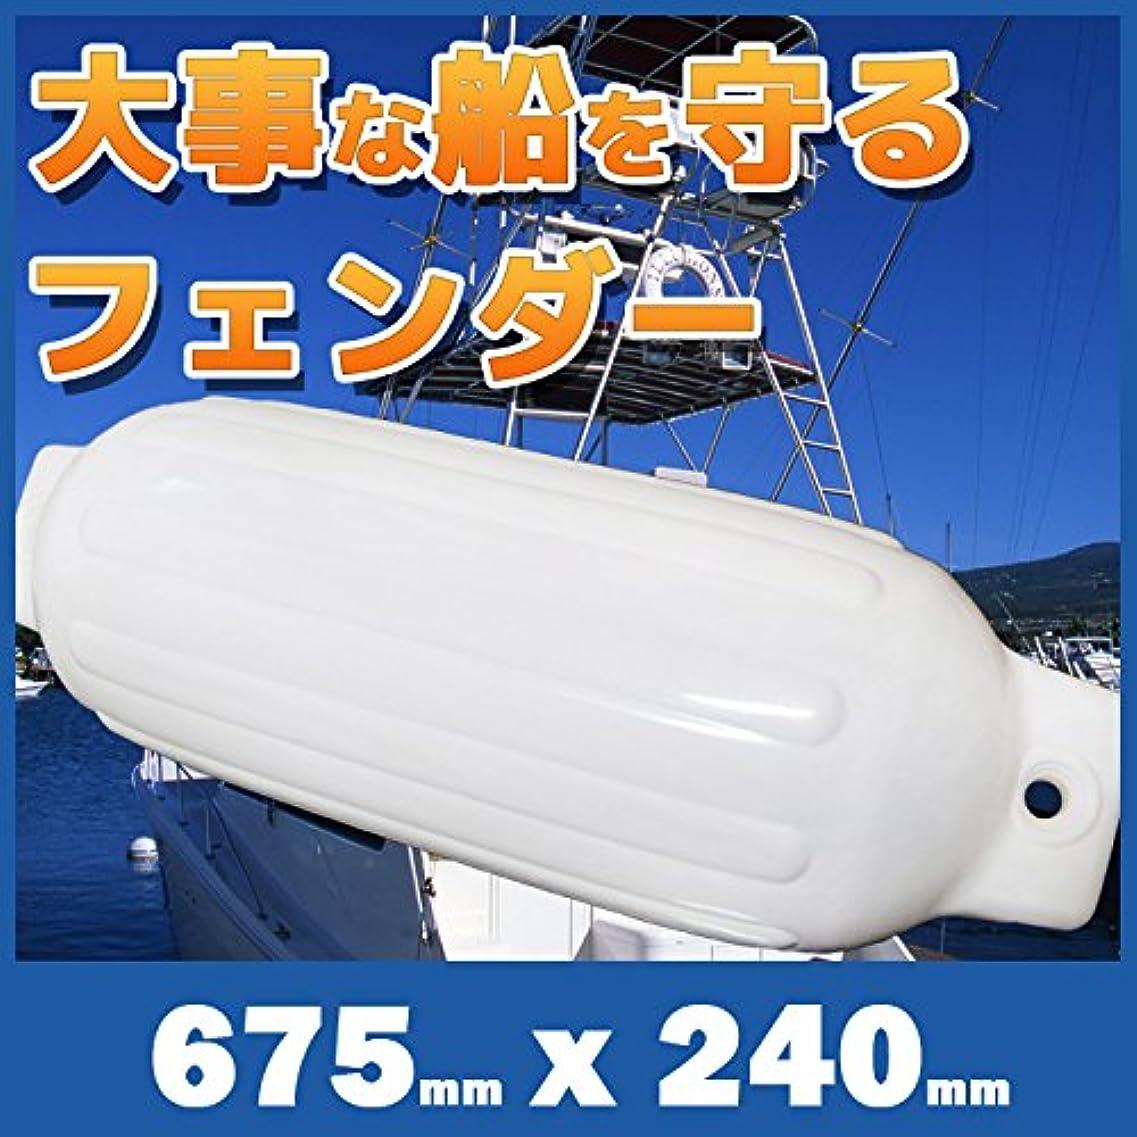 海港滑り台はしごボートフェンダー エアーフェンダー 675mmx240mm 船舶 ボート用品 係留 艇 係船